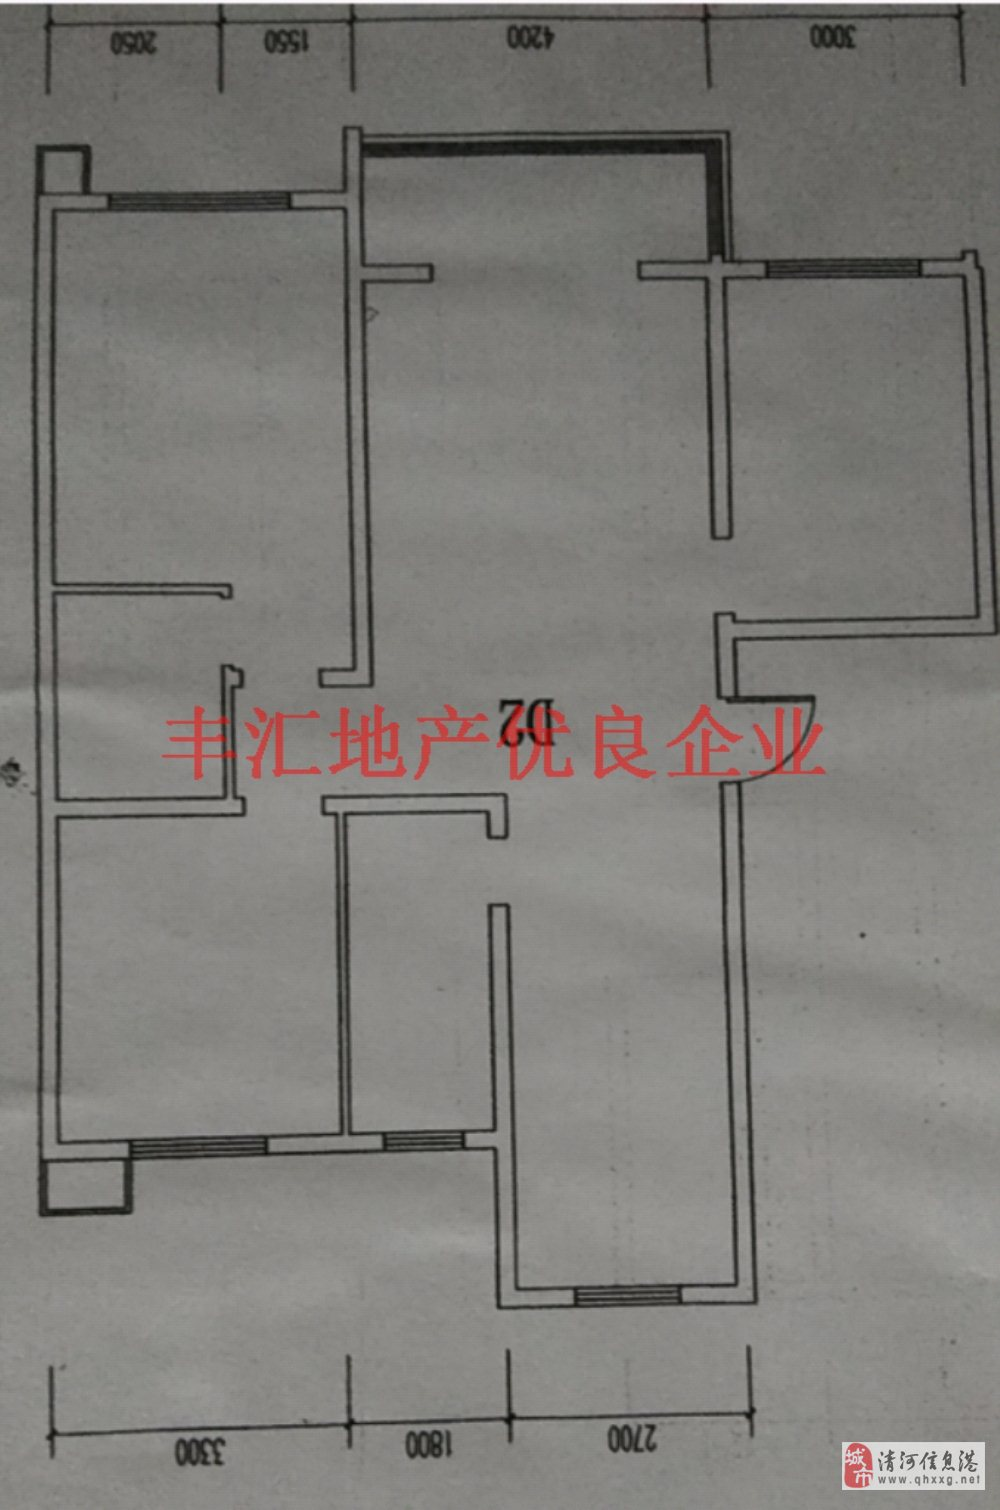 水岸清城3室2厅2卫83.85万元